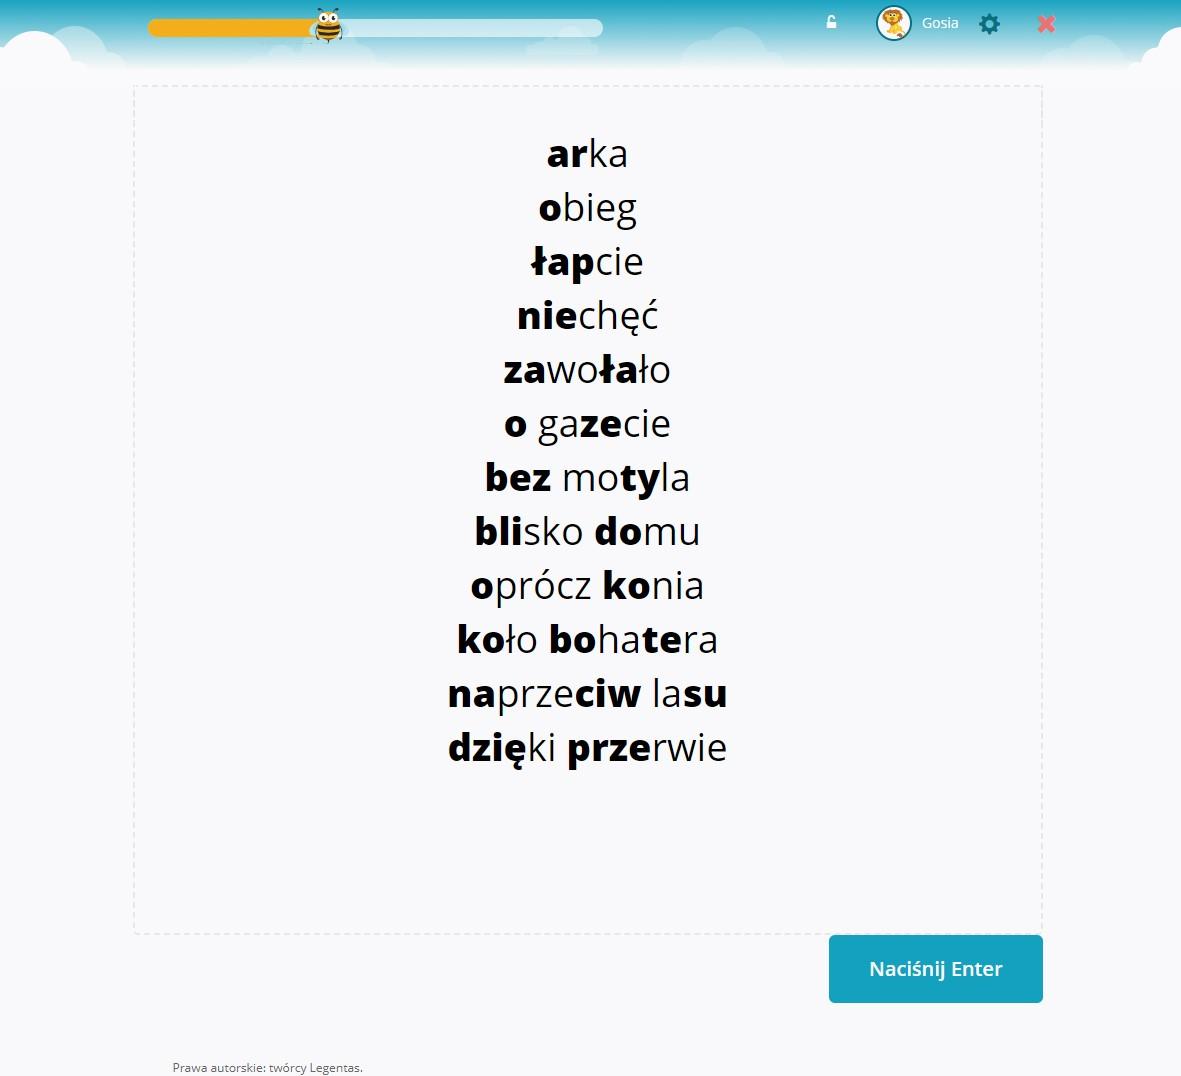 Proste słowa ćwiczone w obrazku złożonym z wyrazów